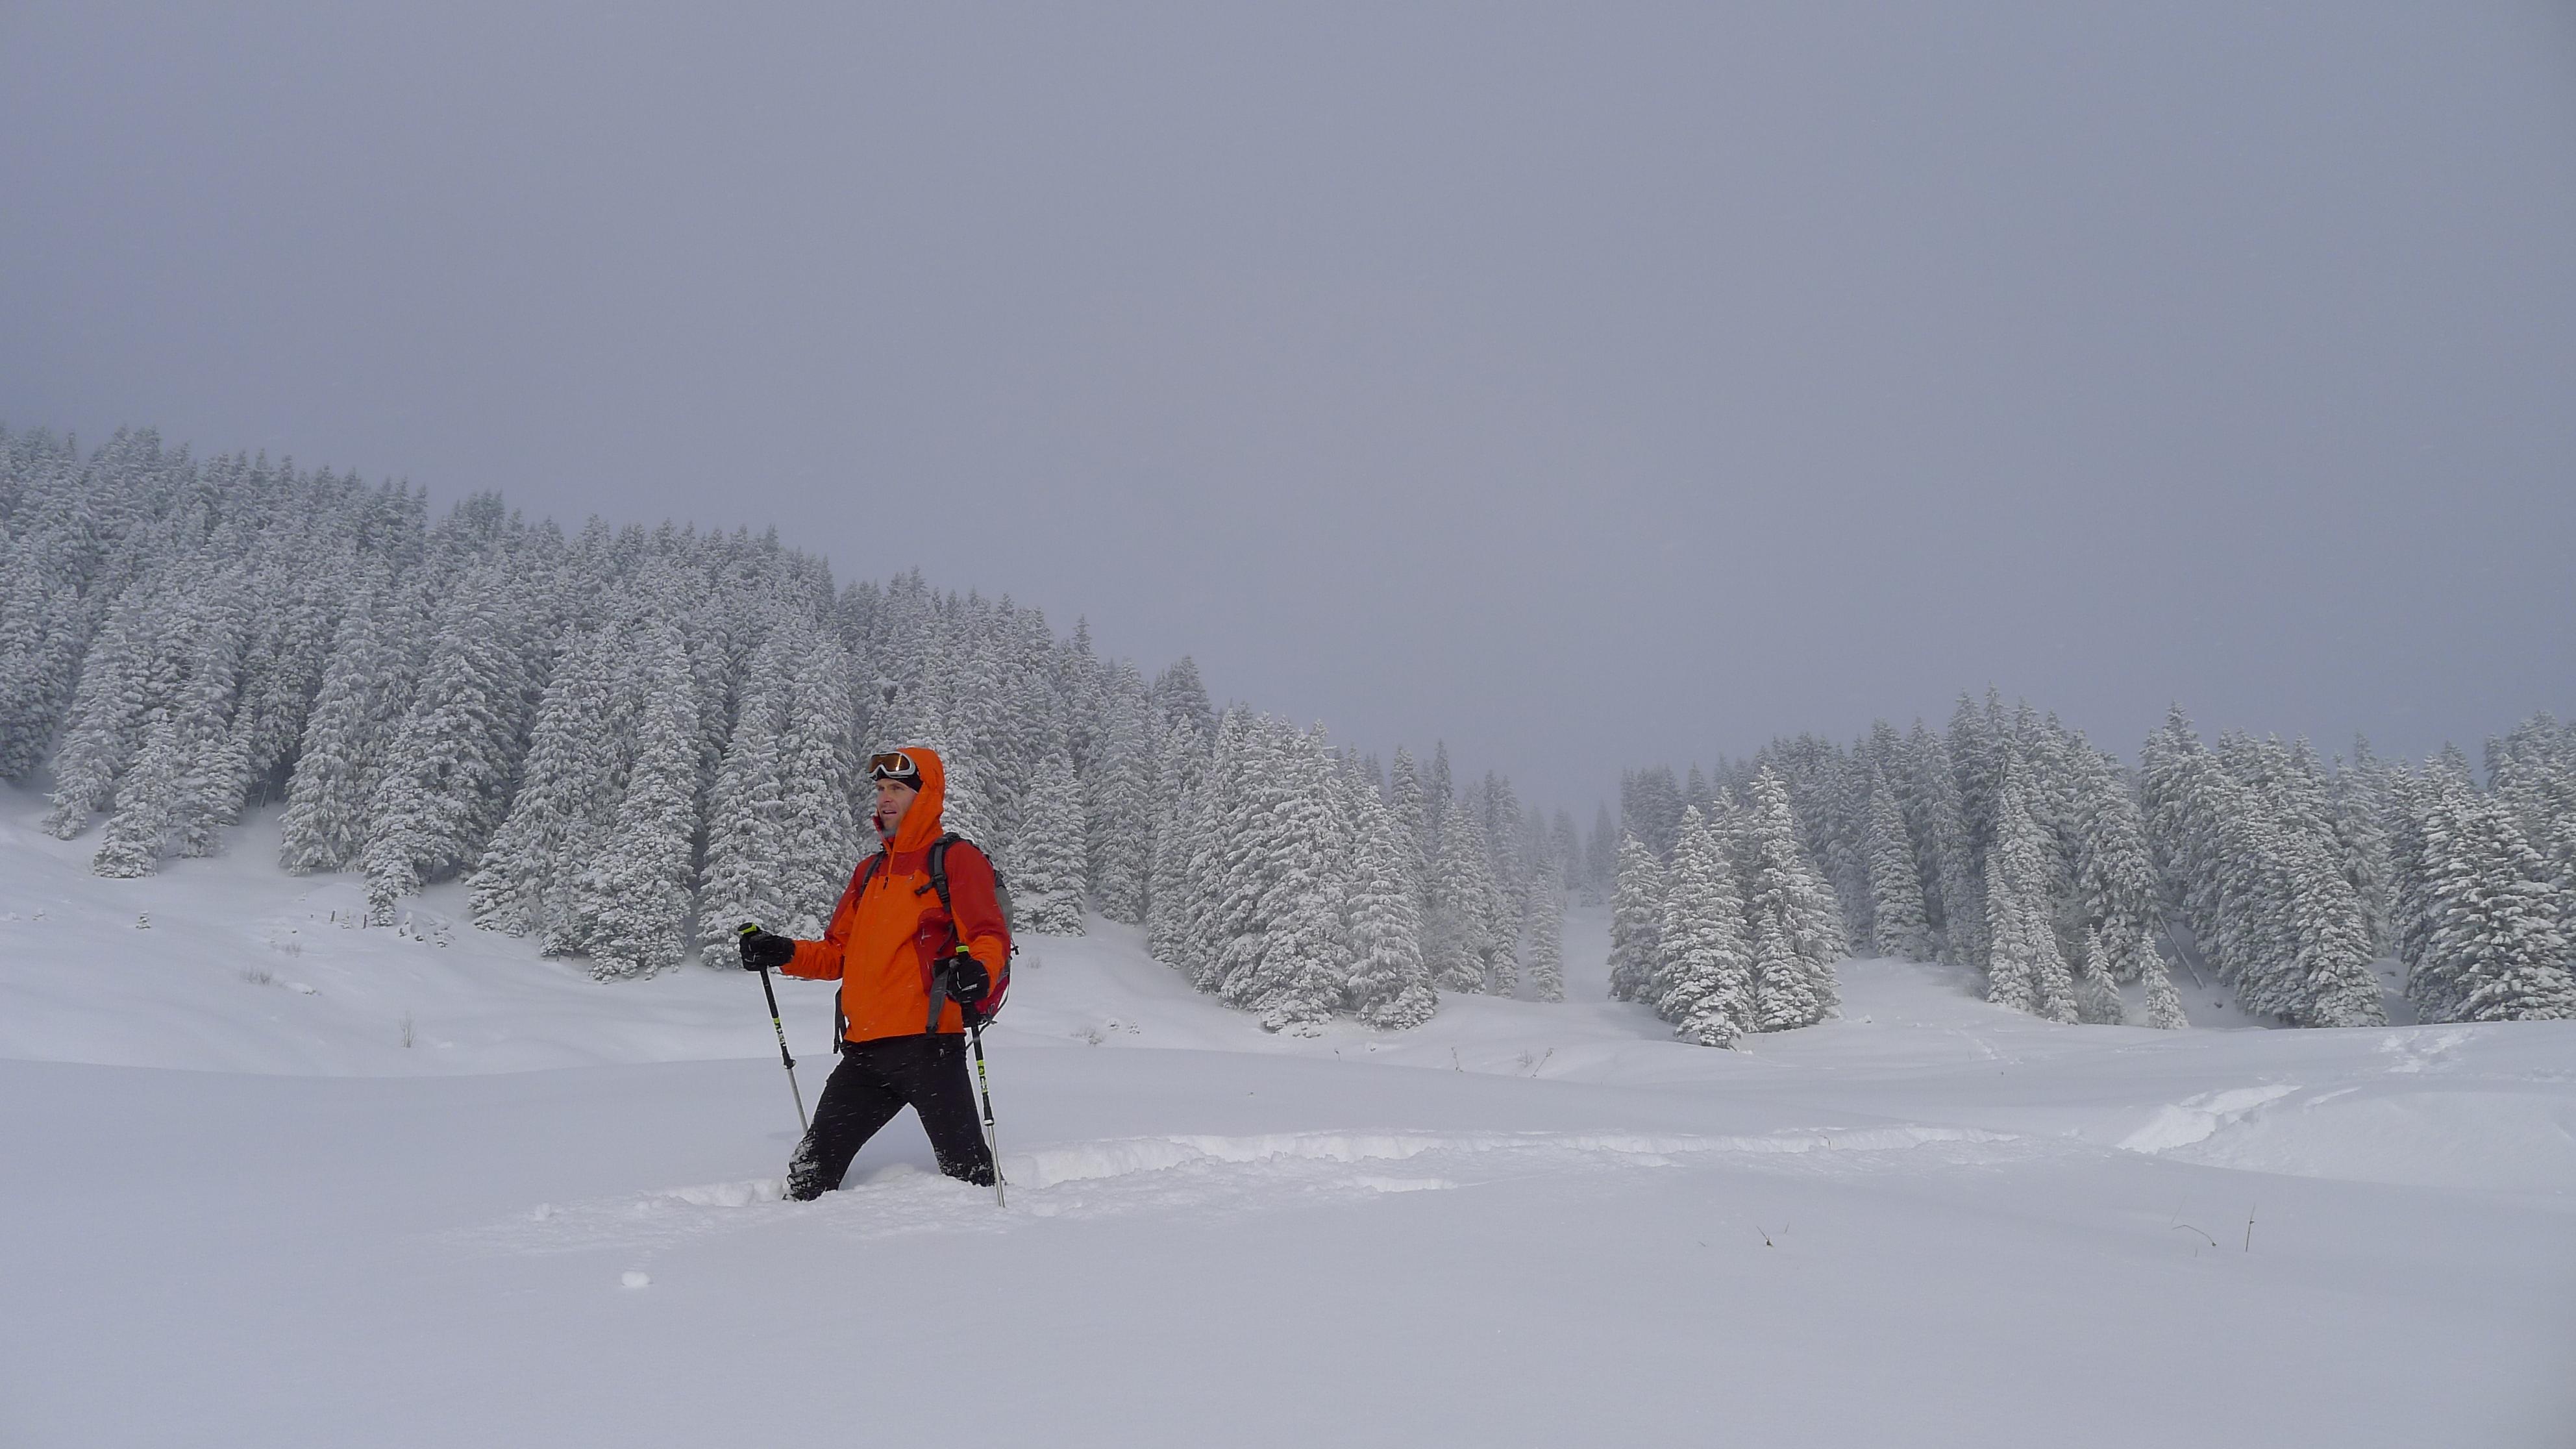 frisch geschneit schöne Bergtour Tiefschnee